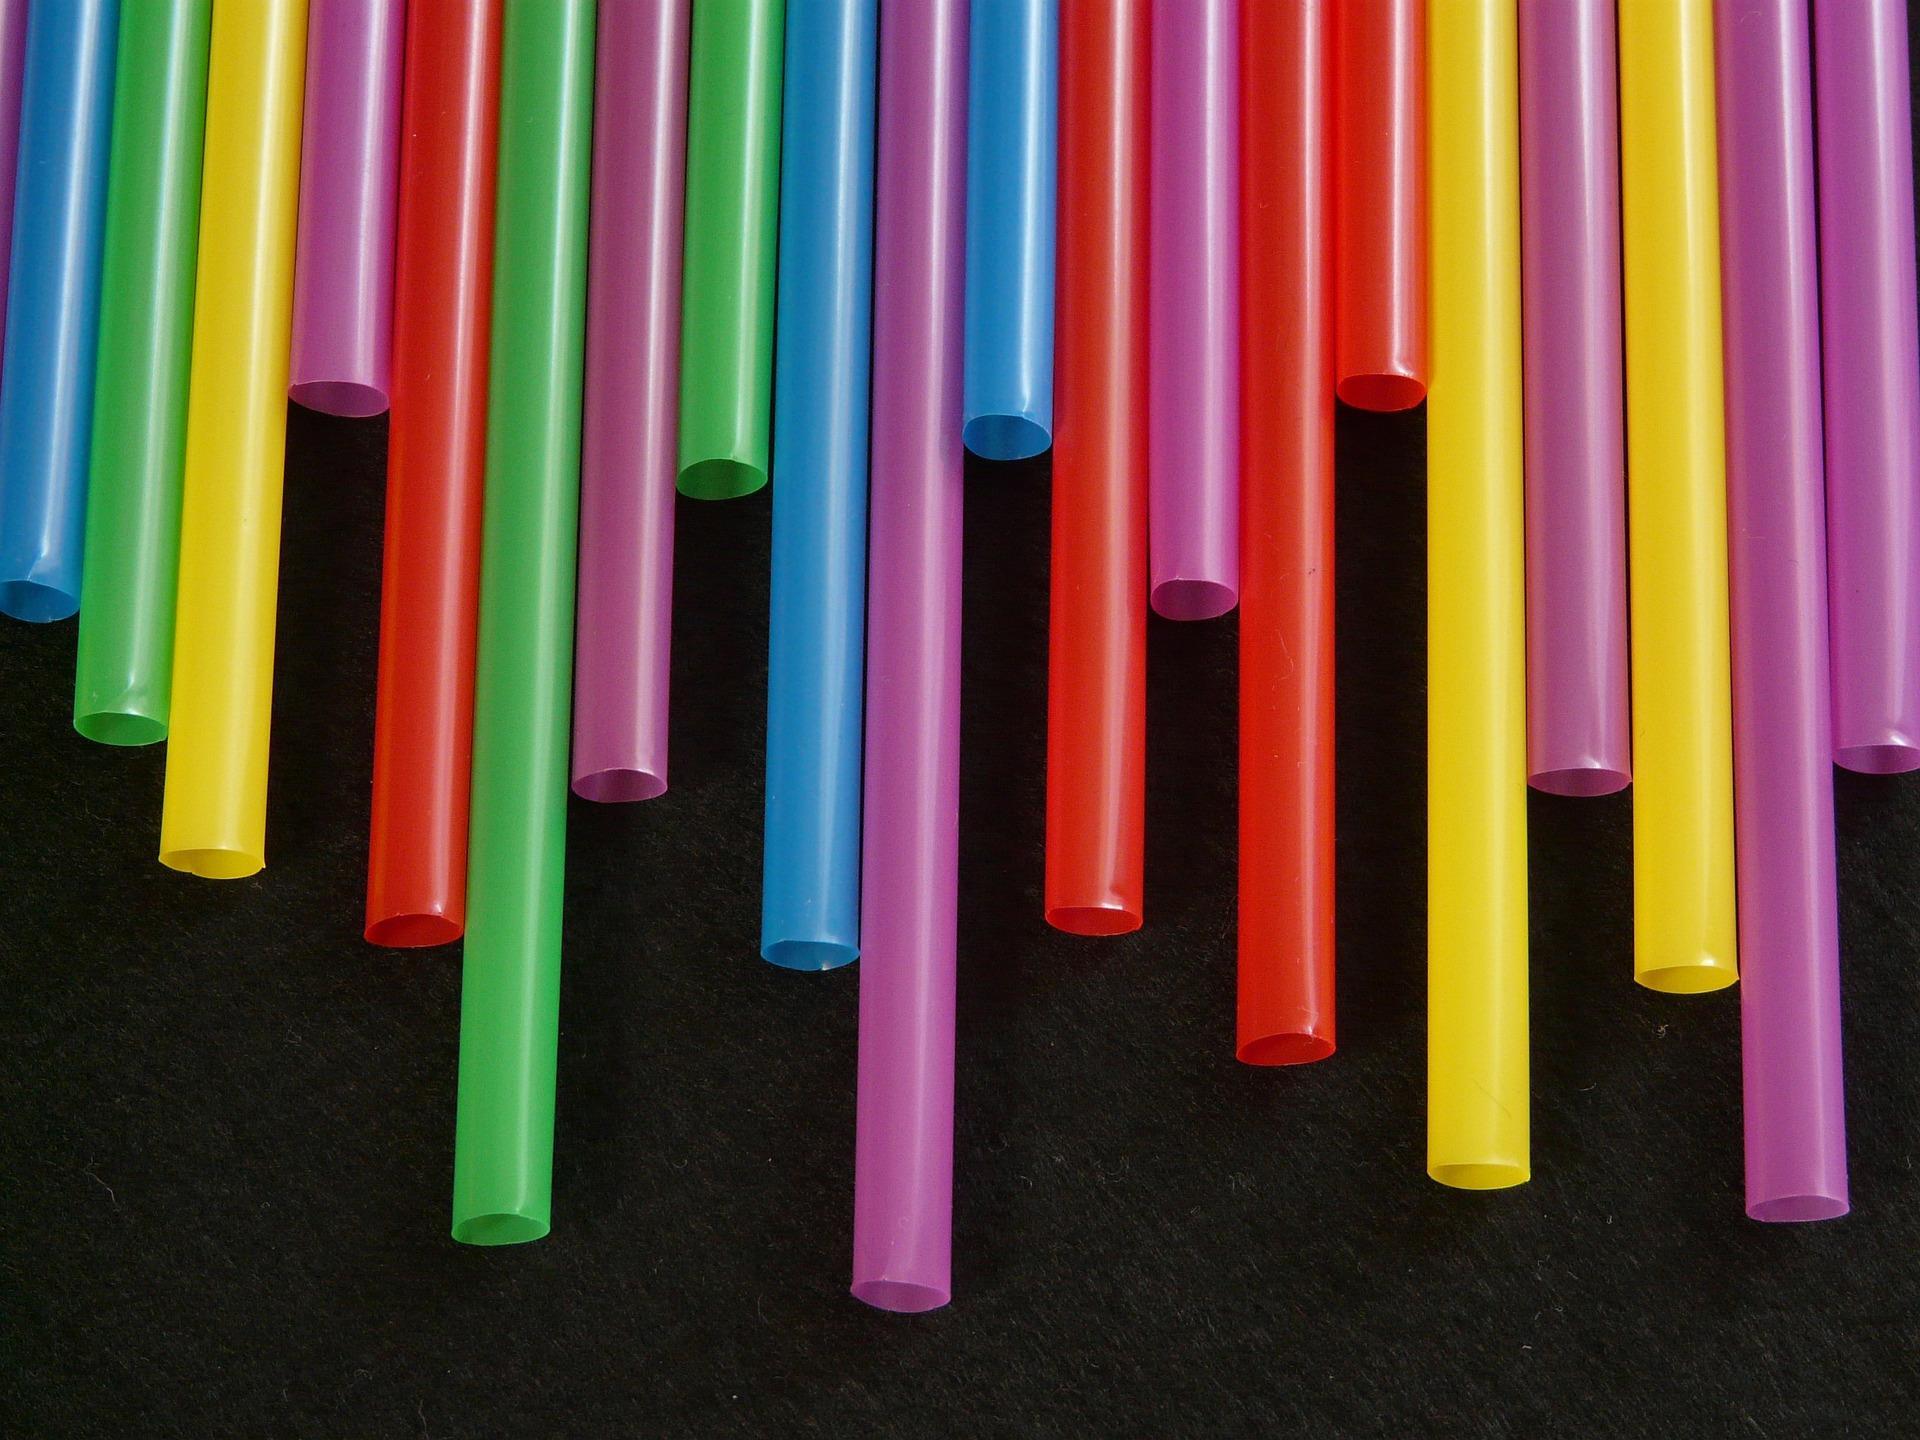 pailles-ou-chalumeaux-variation-de-couleurs